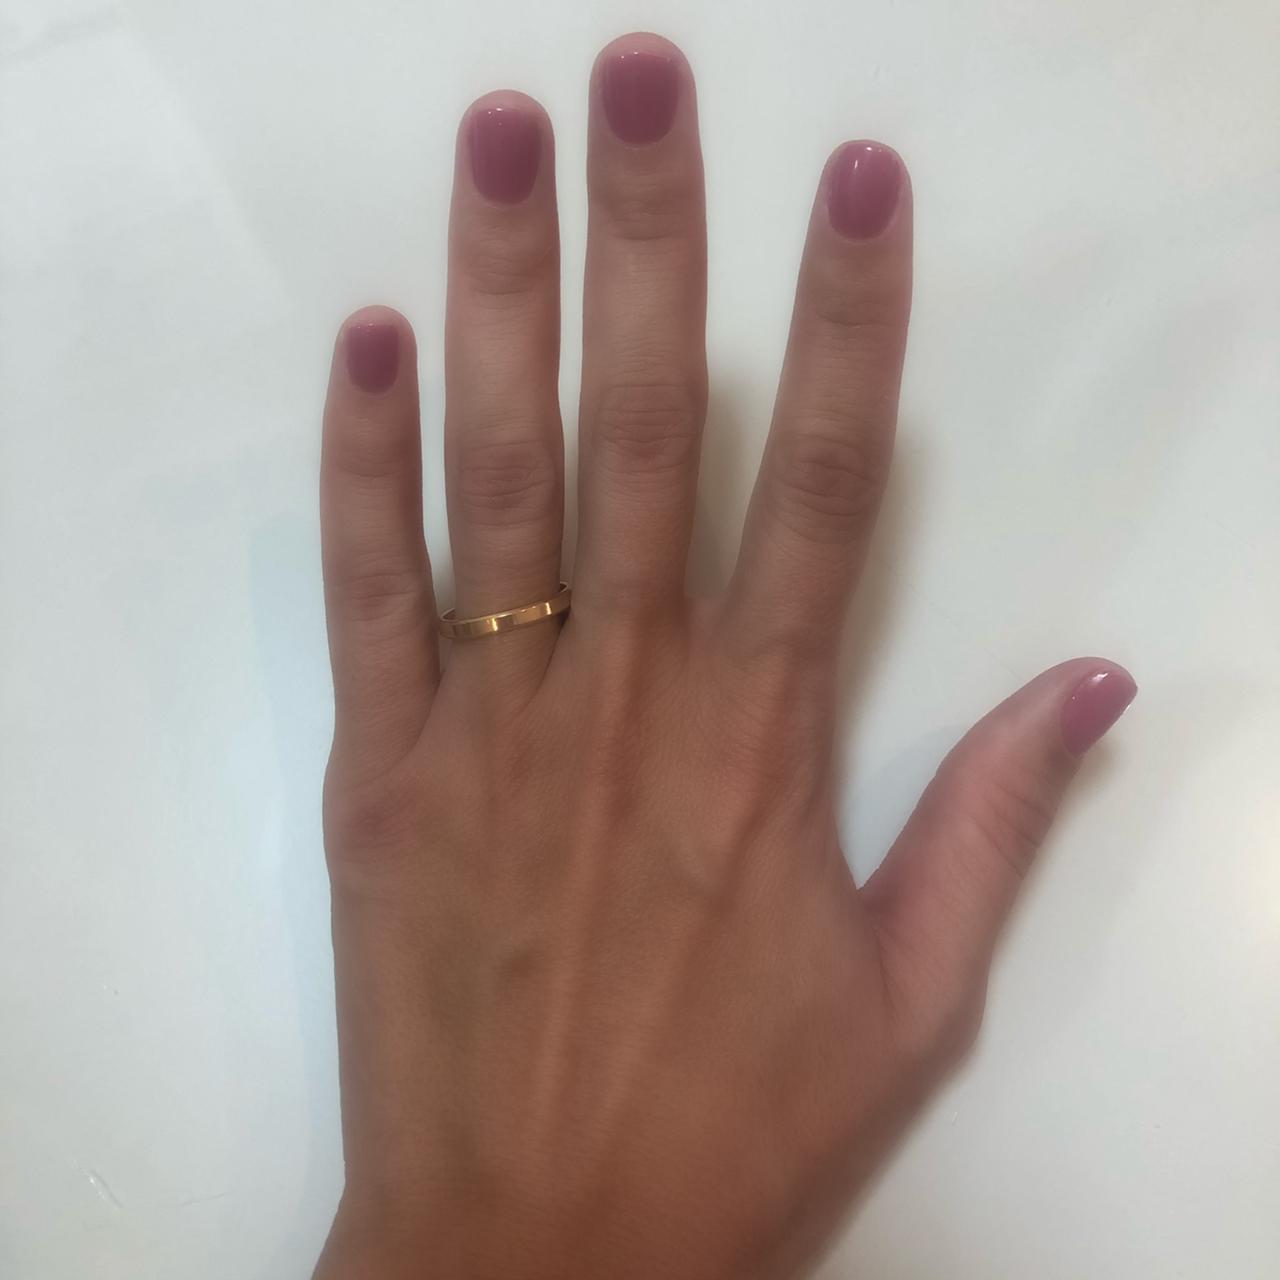 Aliança Tradicional de Ouro 18k / 750, Fina, Reta com Cantos Cortados - O PAR